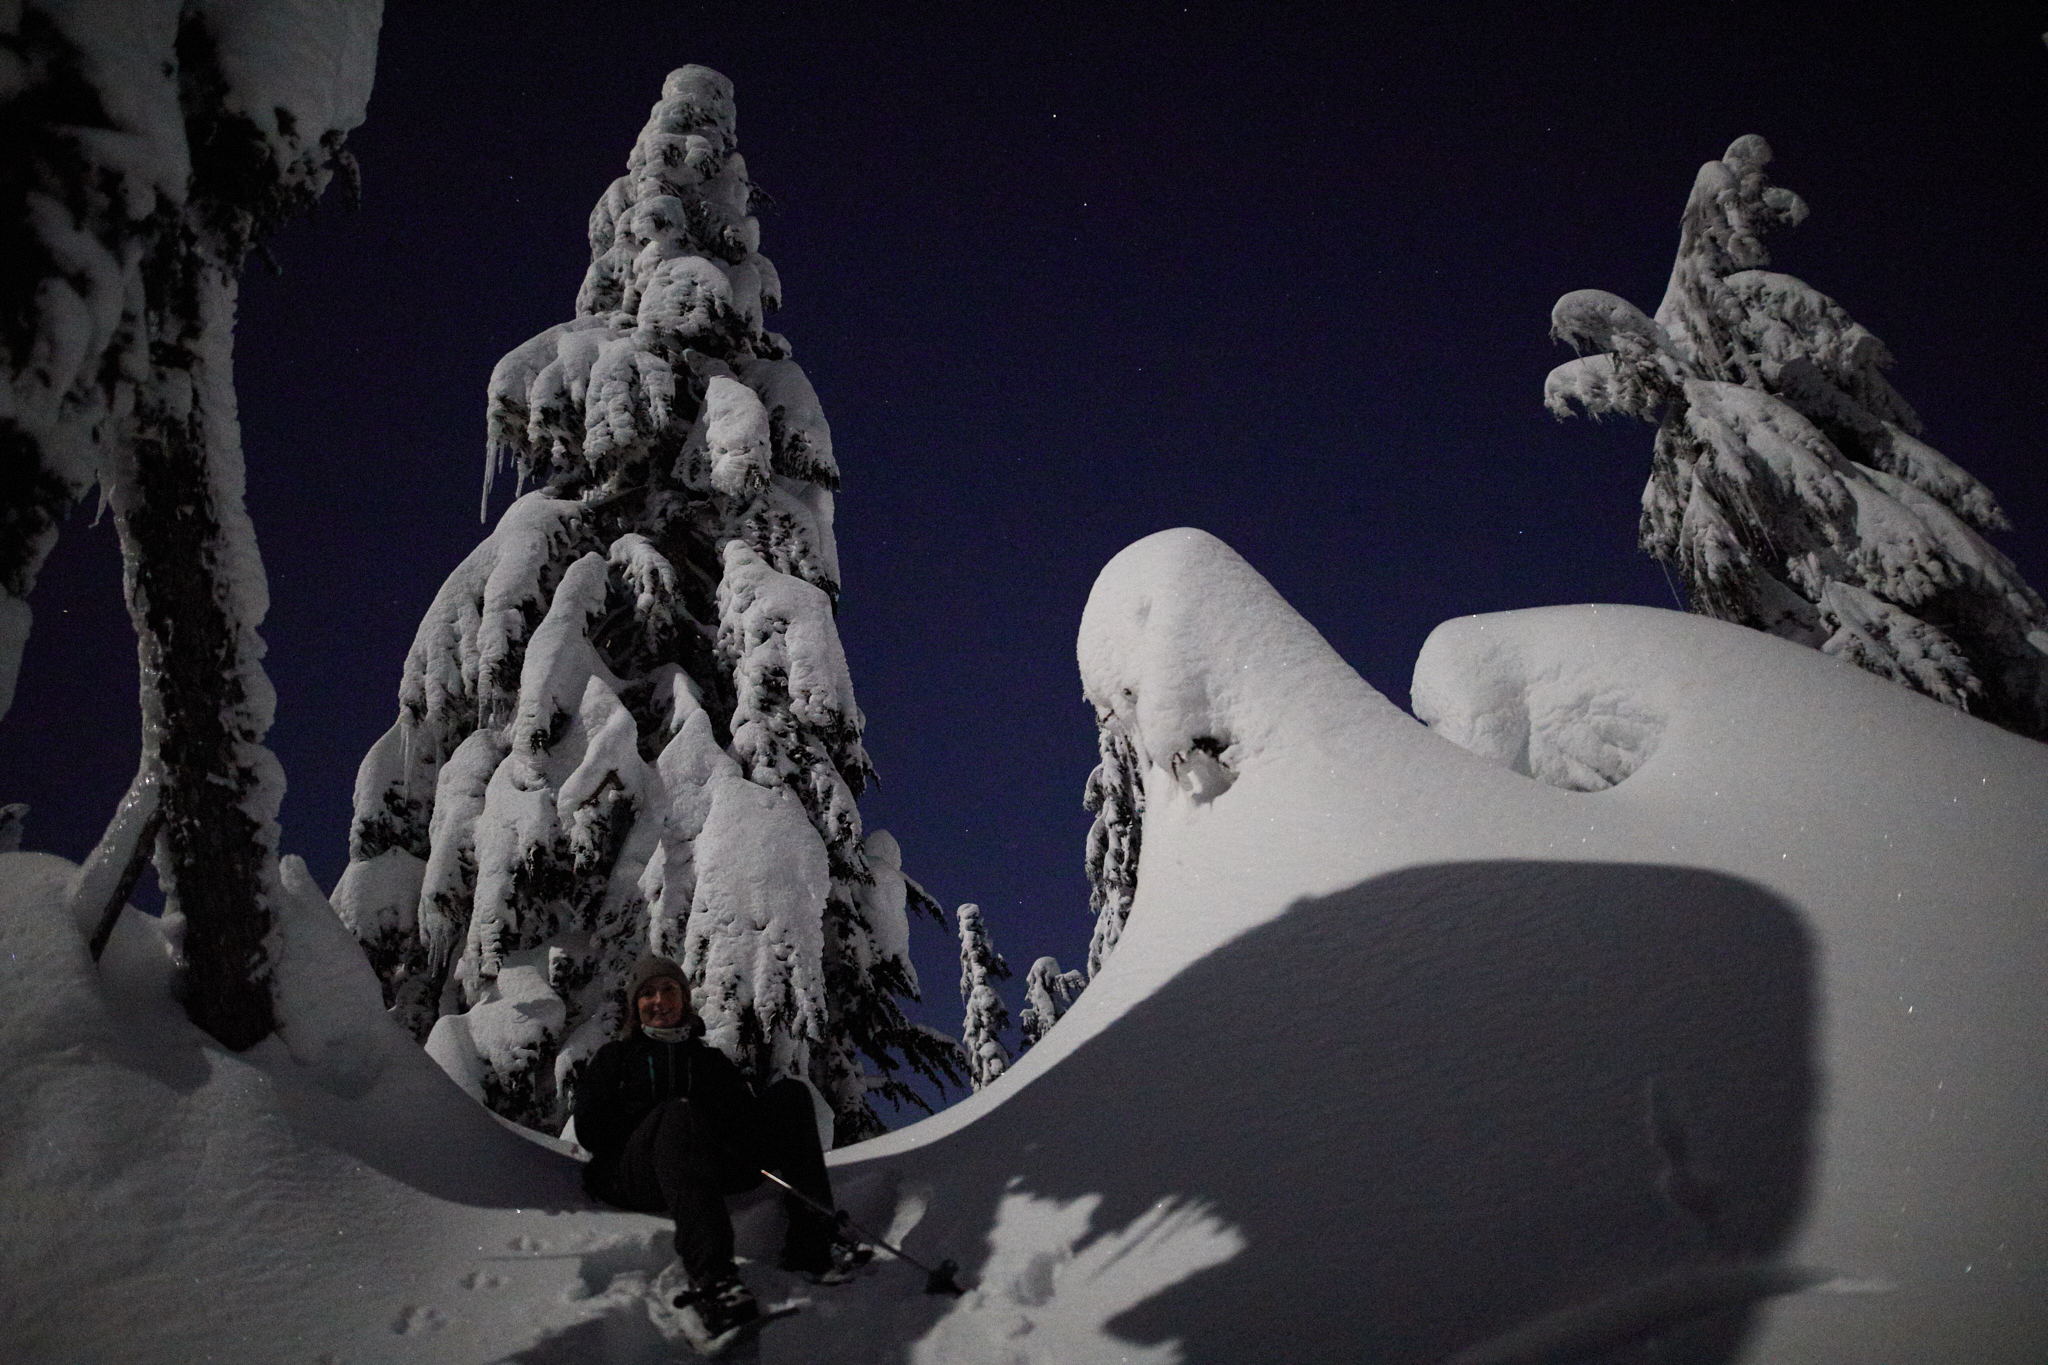 Hollyburn Mountain Full Moon 7